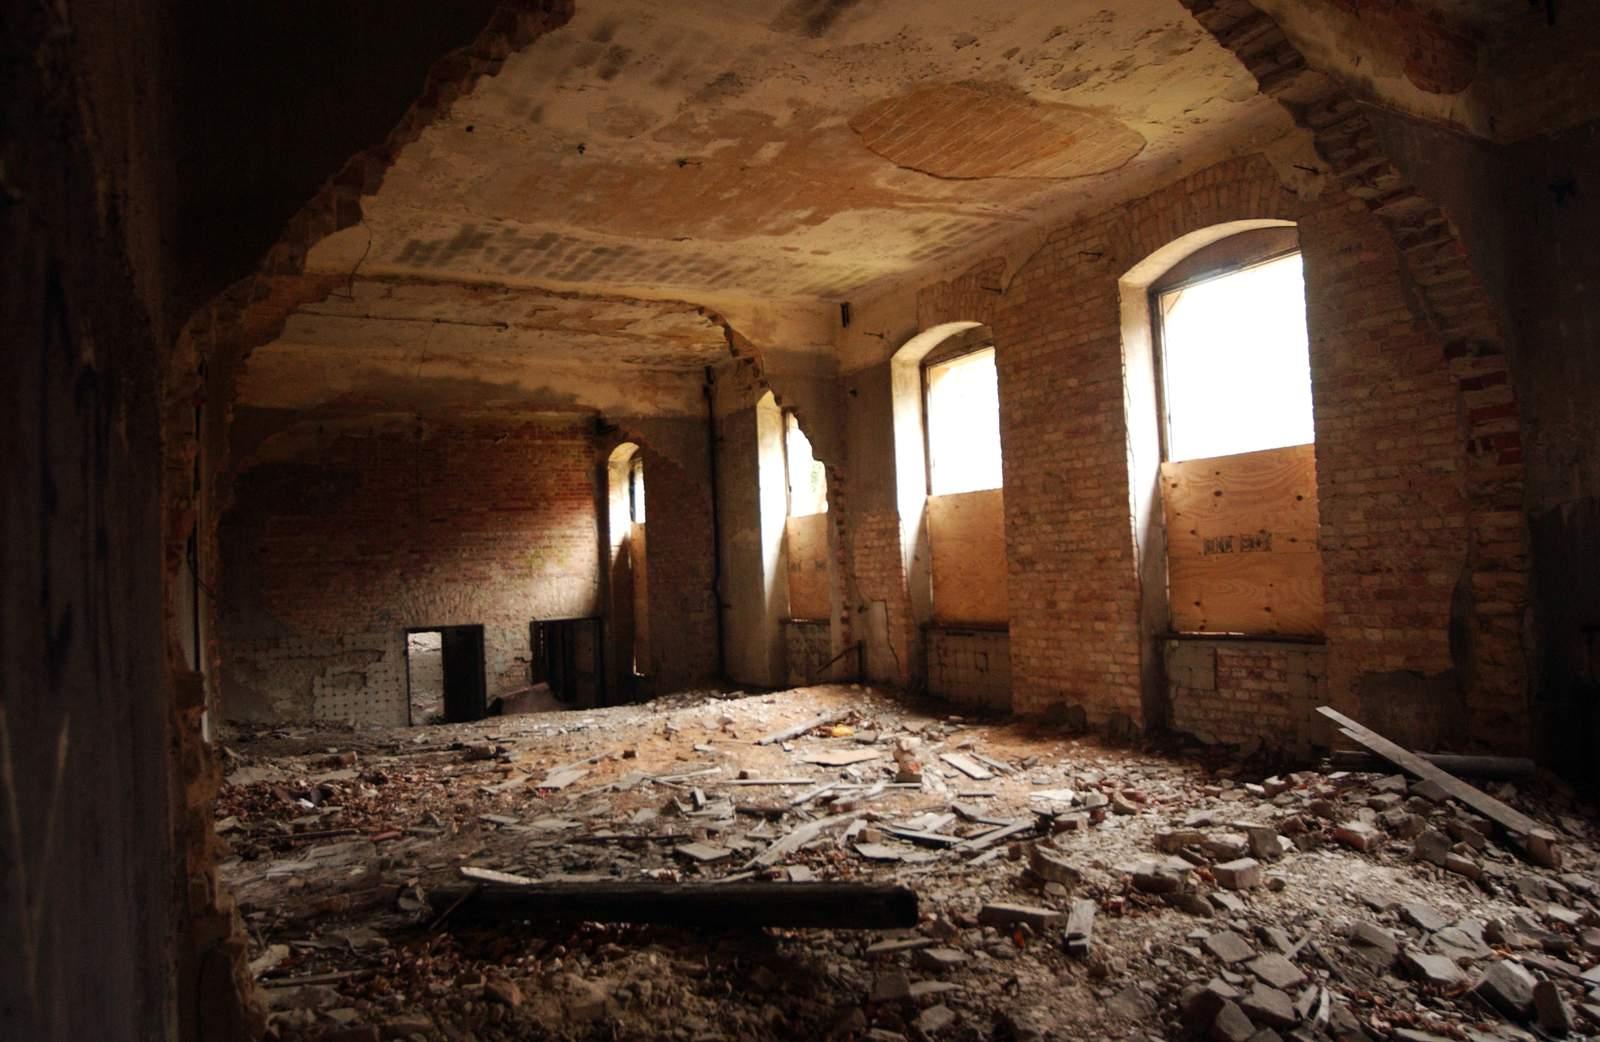 beelitz heilstatten13 Abandoned Beelitz Heilstatten Hospital